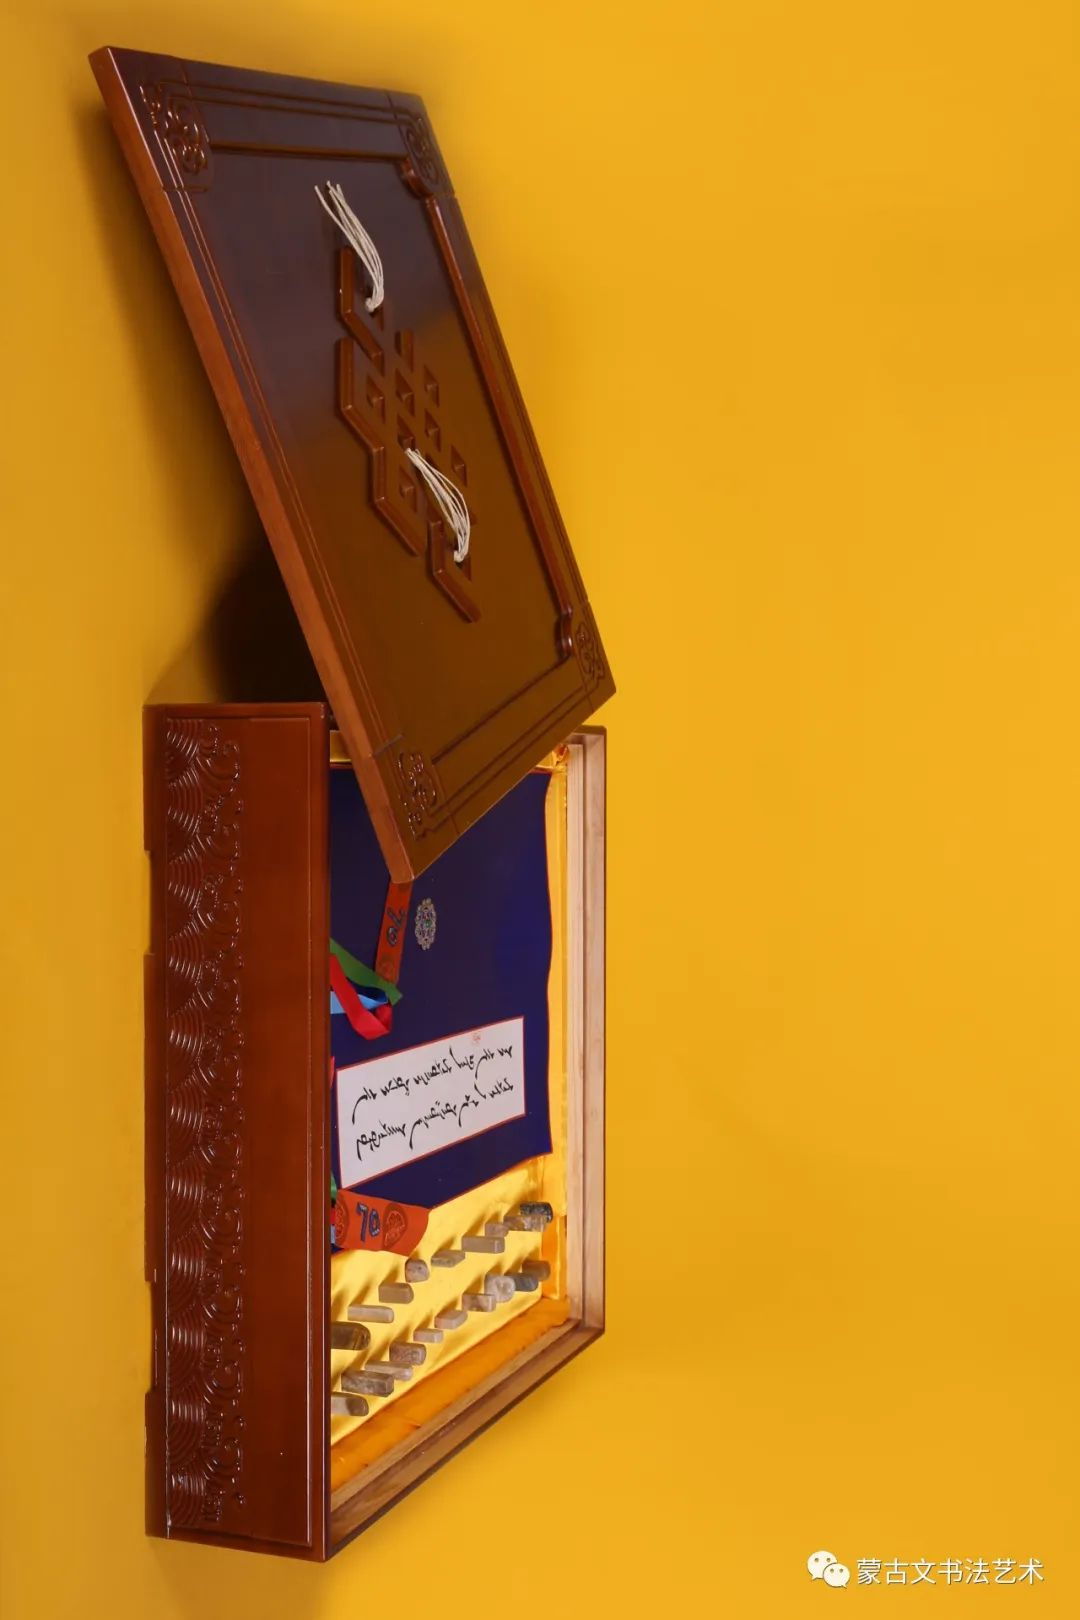 习近平总书记重要讲话摘选蒙古文书法70米长卷作品 第7张